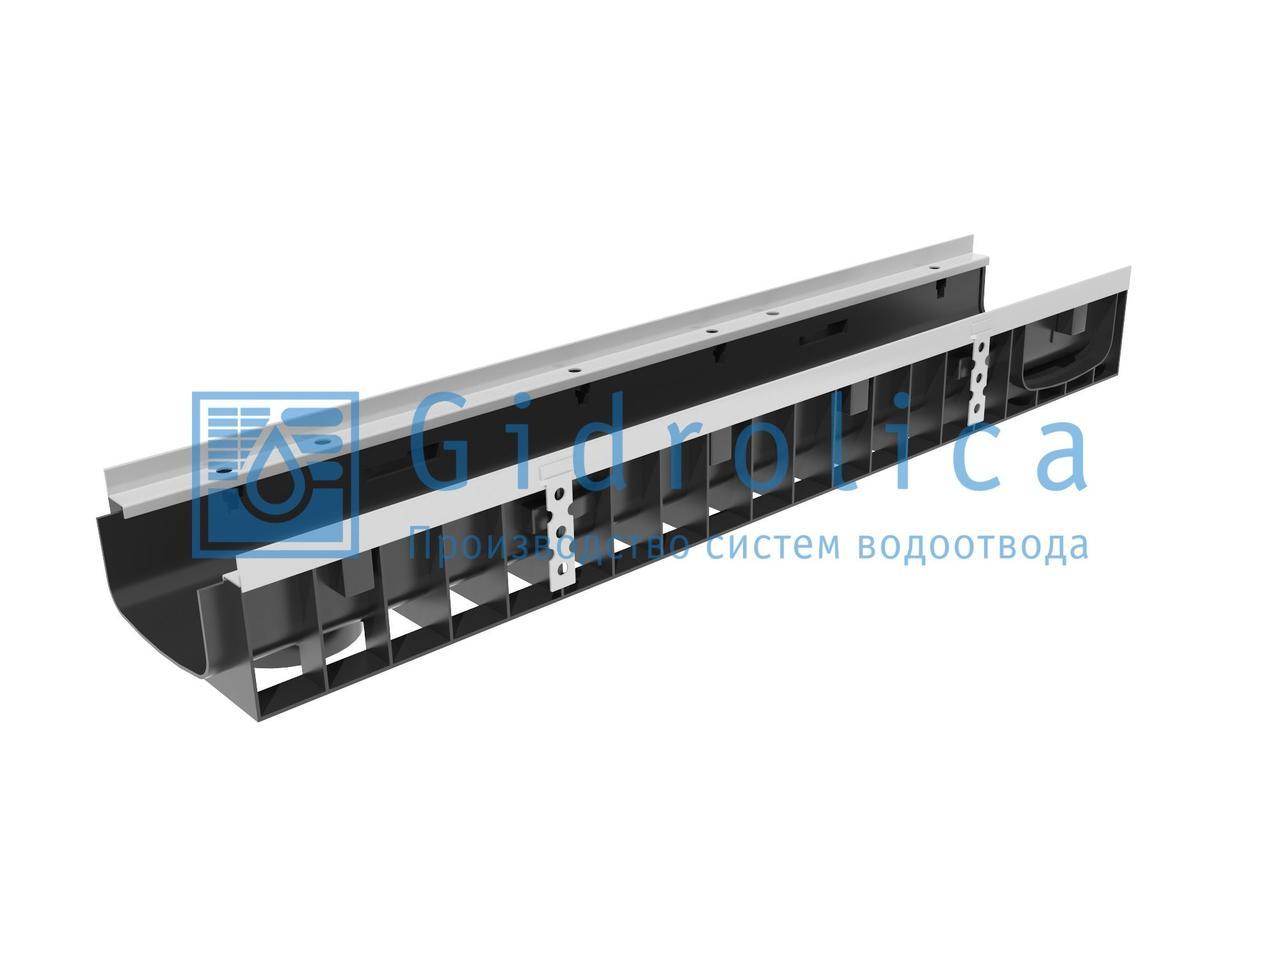 Пескоуловитель Gidrolica Standart Plus ПУ-20.24,6.46 пластиковый универсальный для лотков пластиковых DN150 и